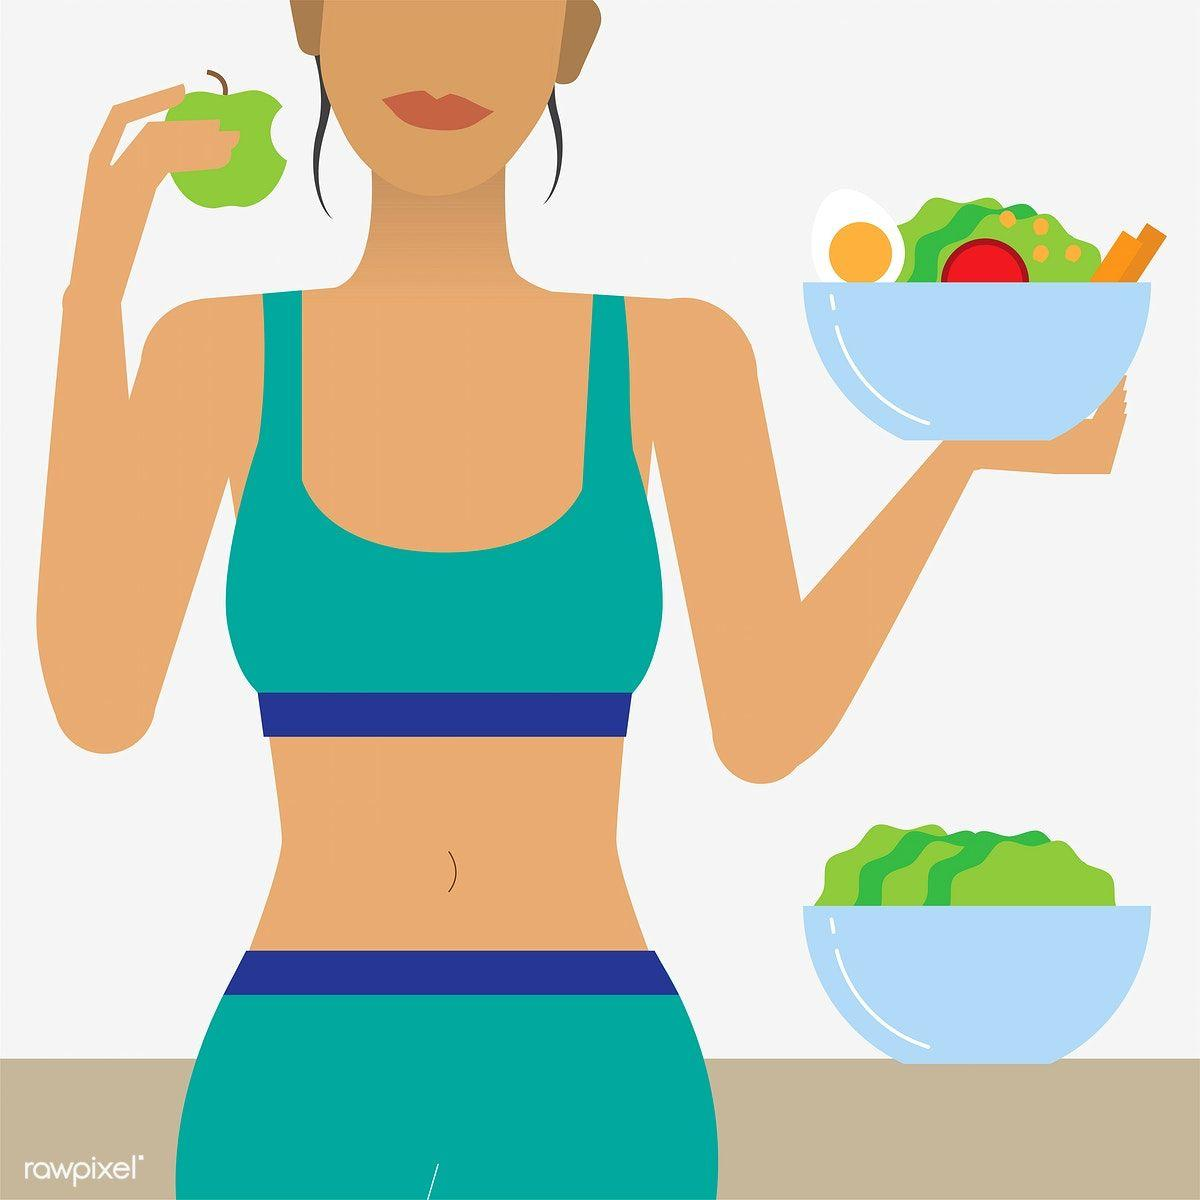 Ένα καθημερινό πρόγραμμα διατροφής που θα βοηθήσει τις γυναίκες άνω των 50 να χάσουν τα περιττά κιλά!